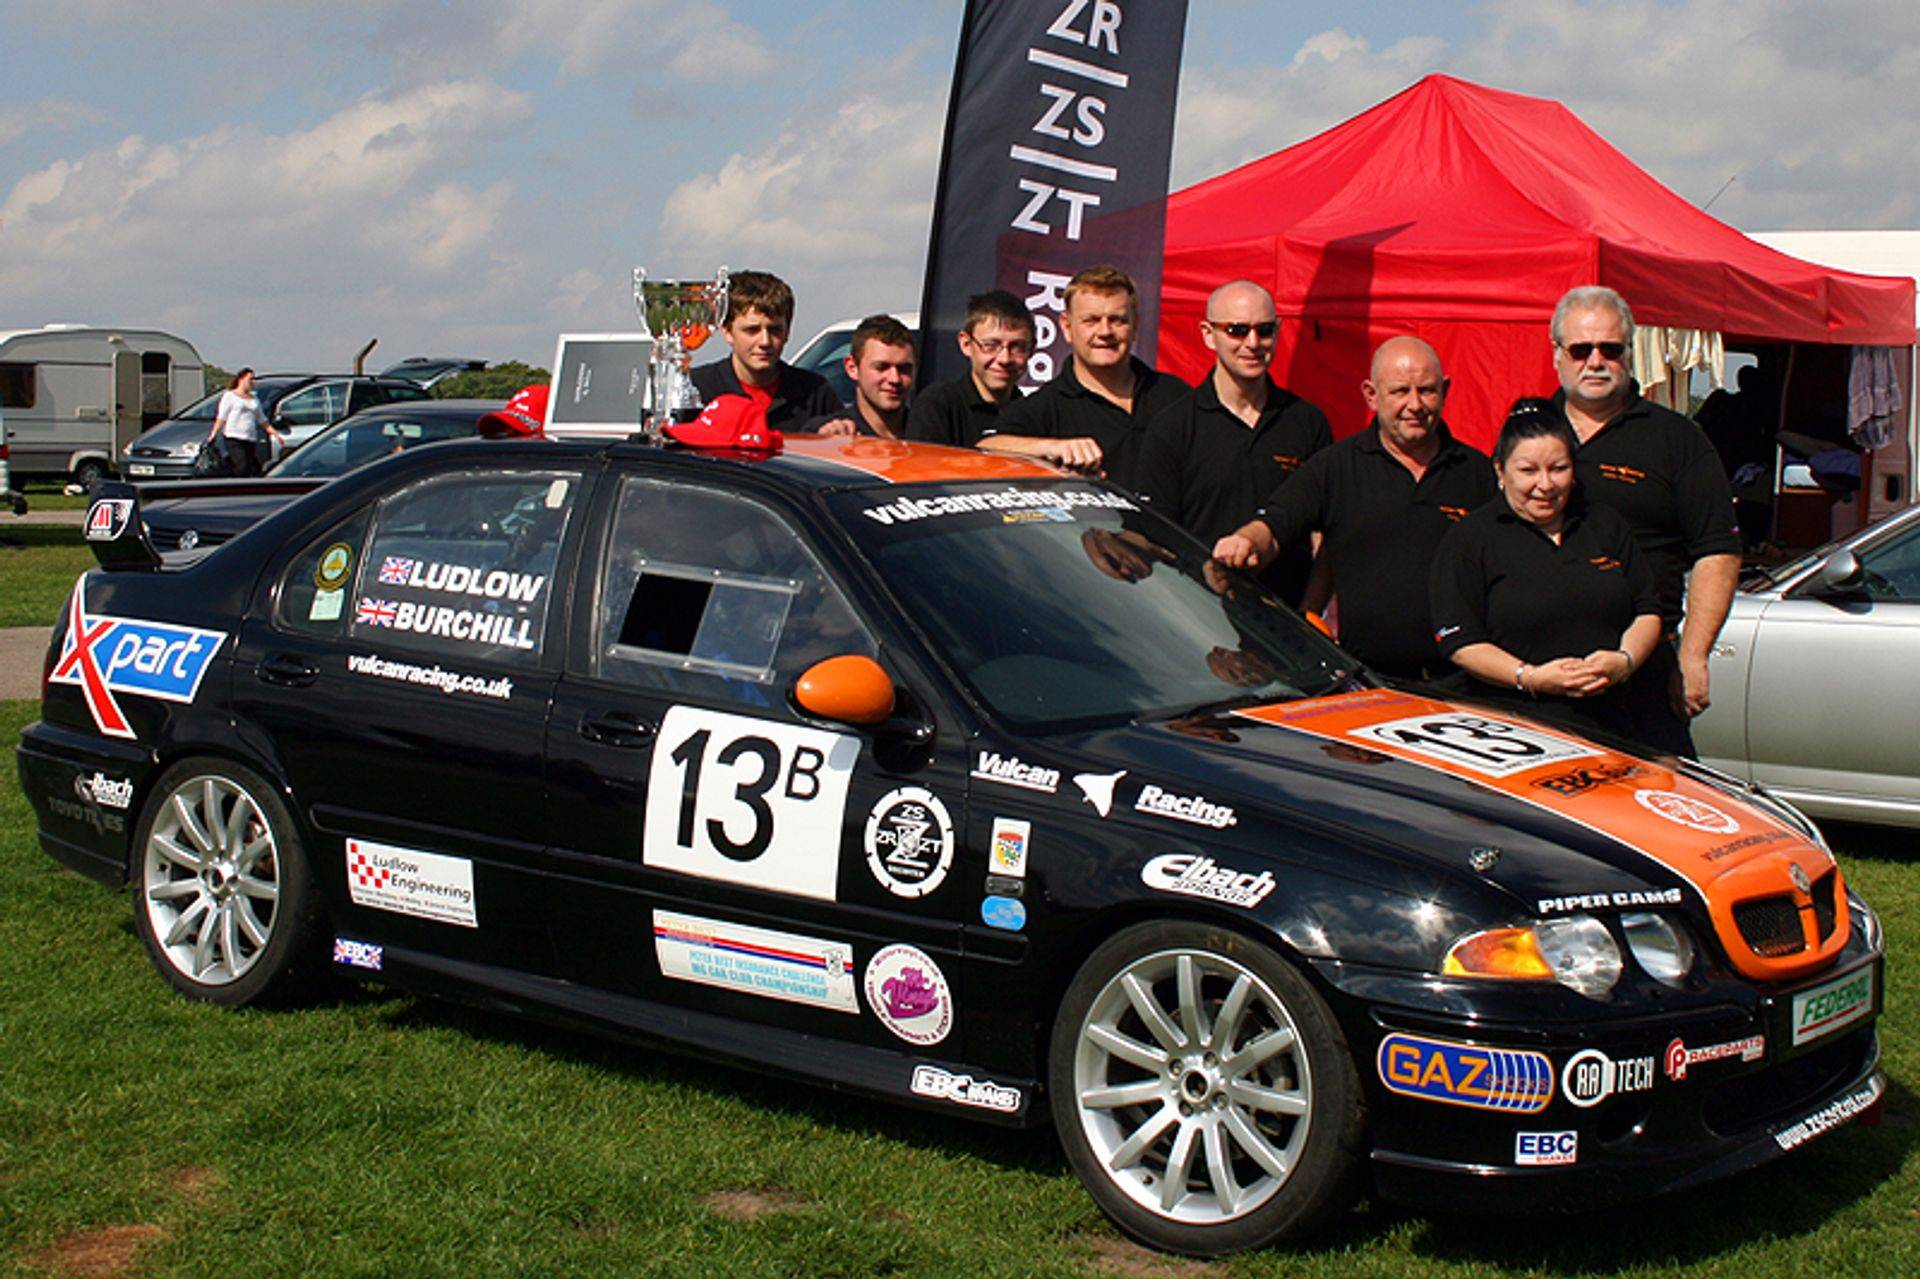 2010 Champions MGZS V6 Vulcan Racing Peter Burchill